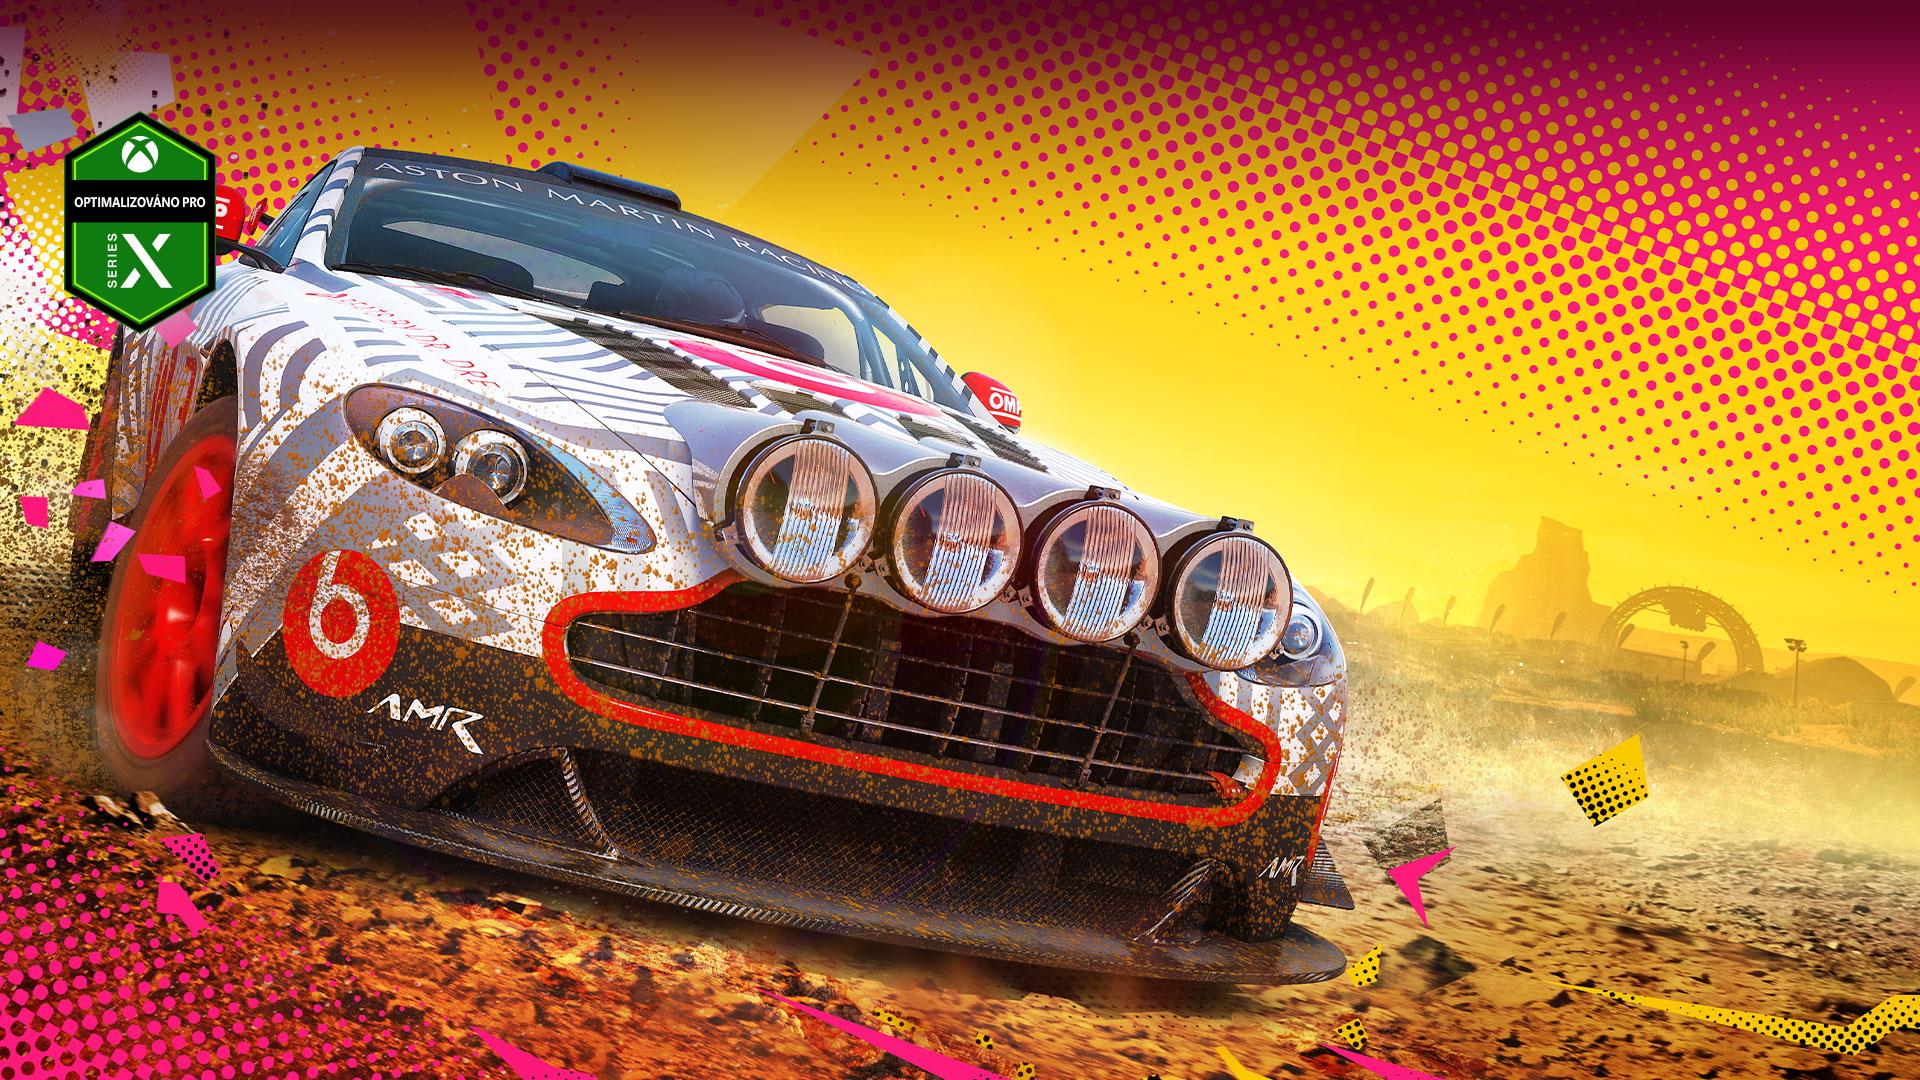 Logo Optimalizováno pro Series X, auto v bahně na žlutém a růžovém pozadí